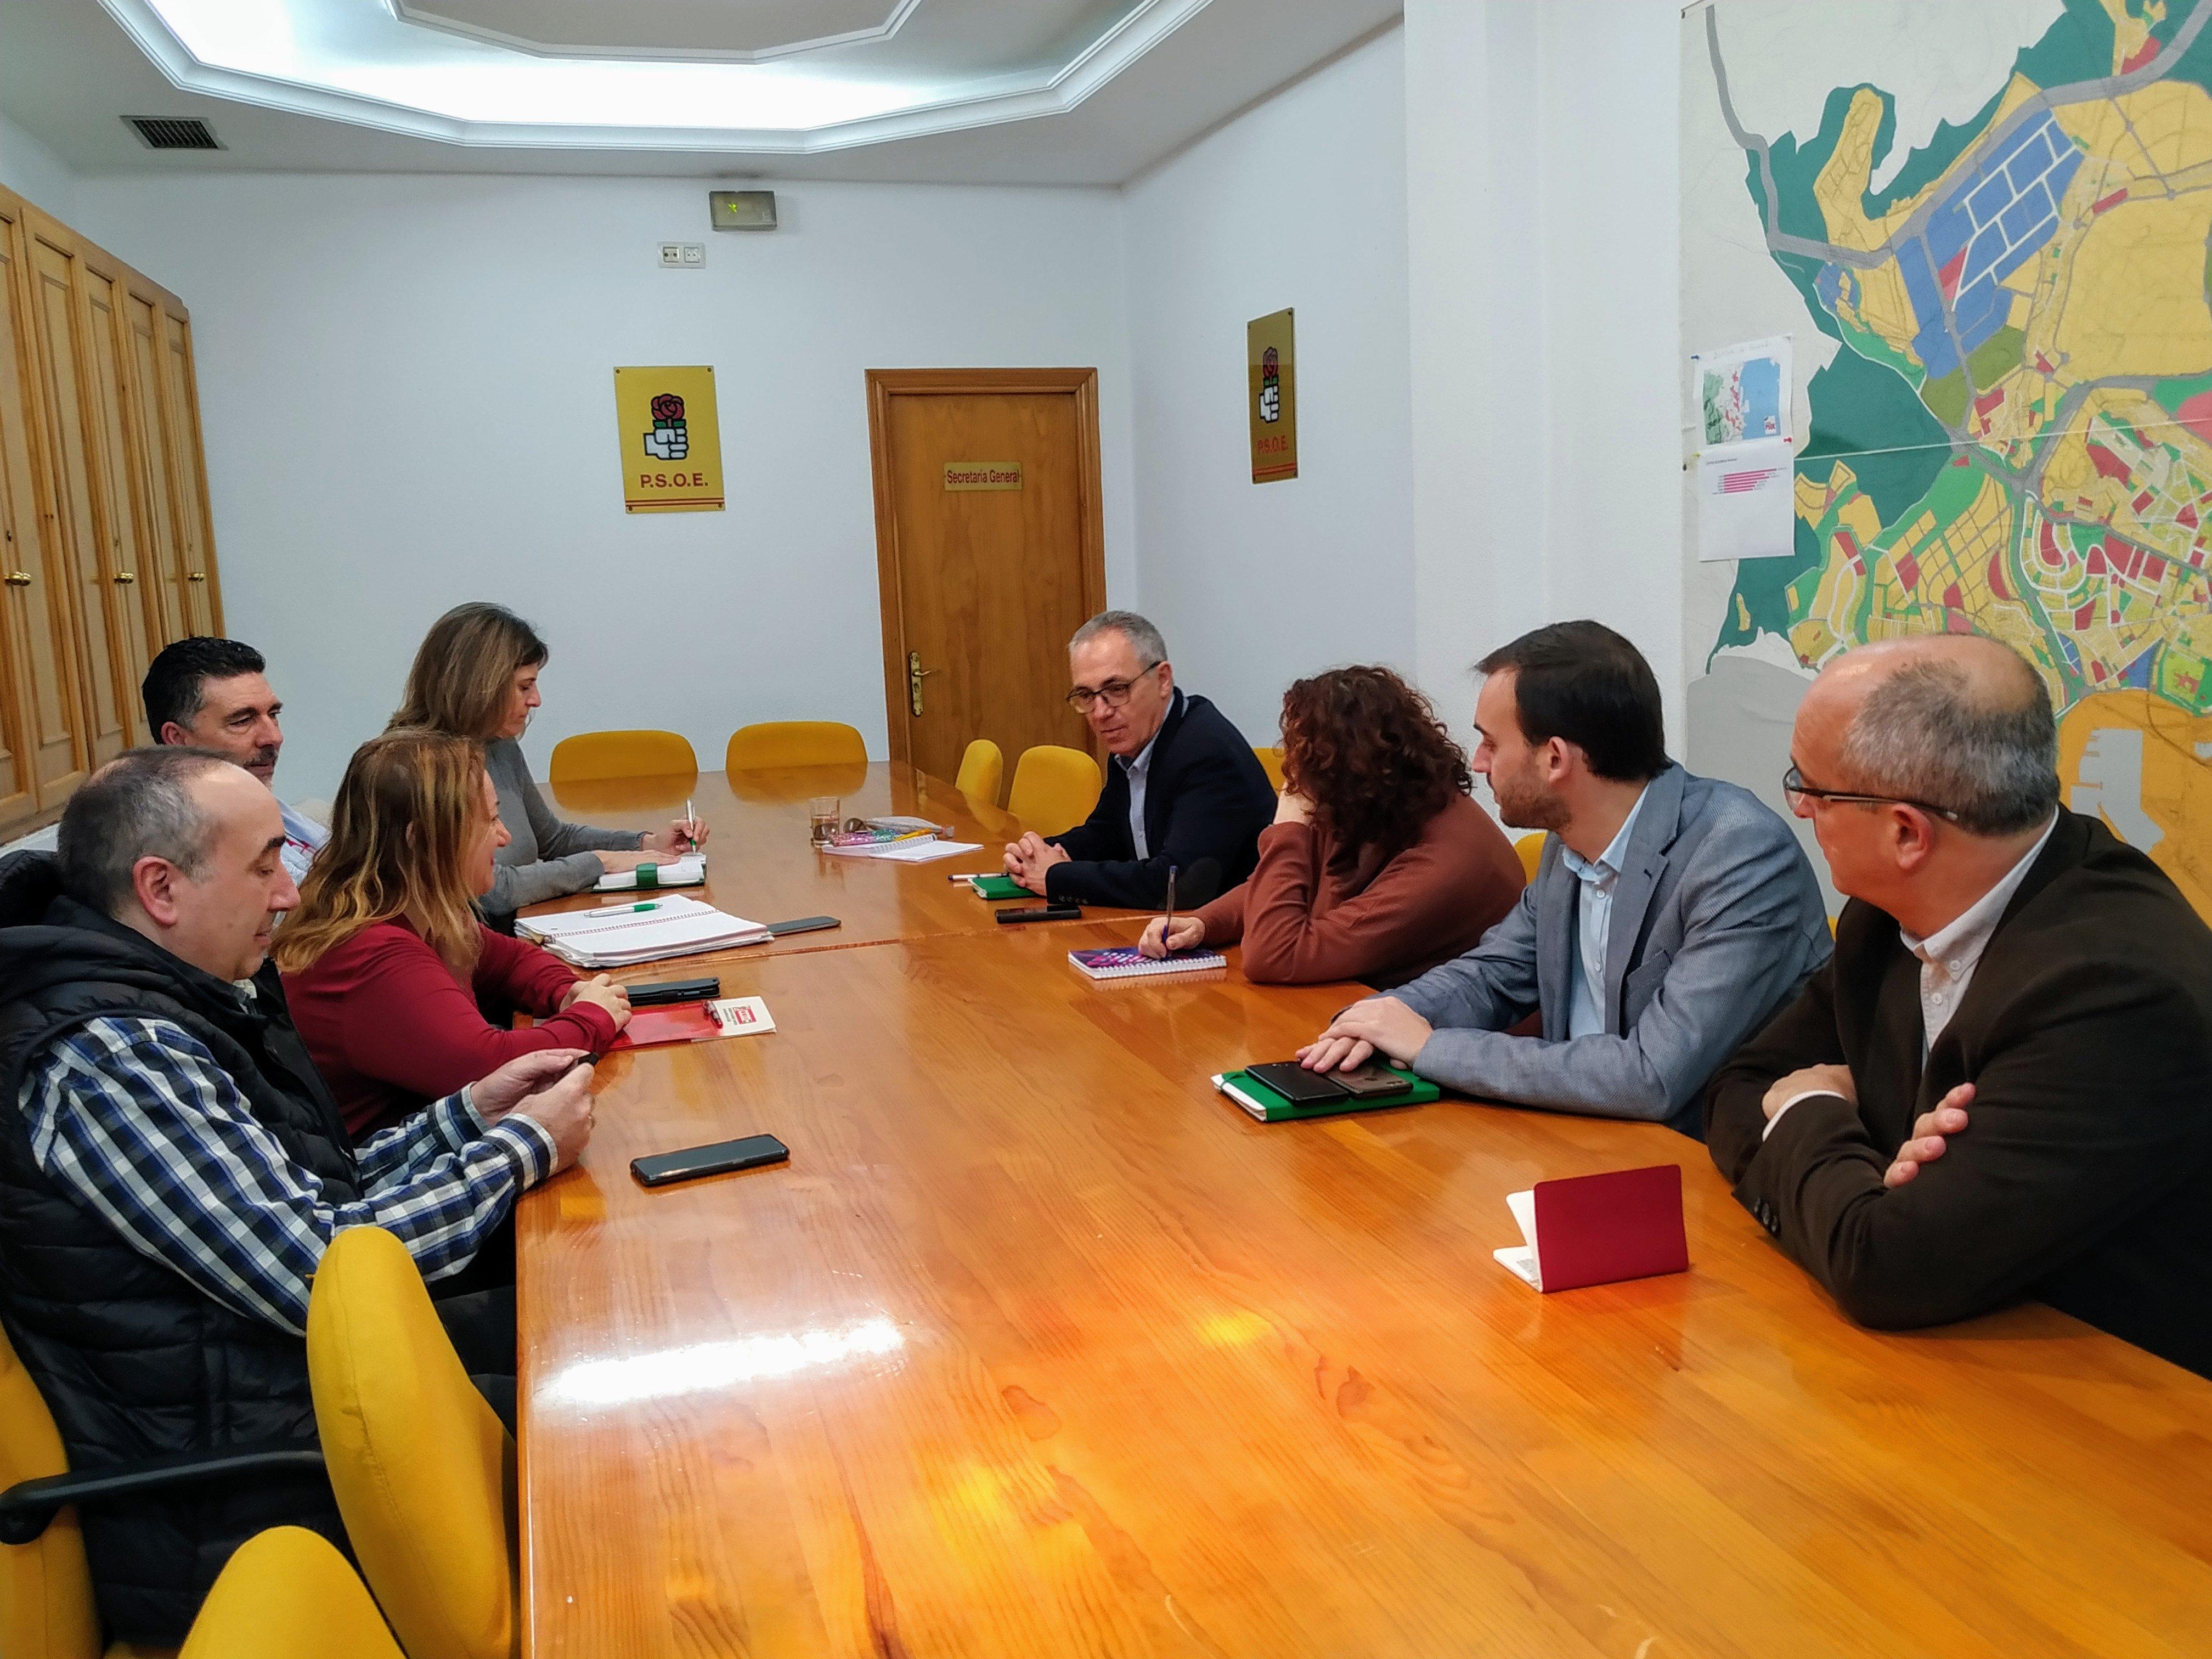 El PSOE traslada a los sindicatos su compromiso por un pleno monográfico sobre sanidad pública